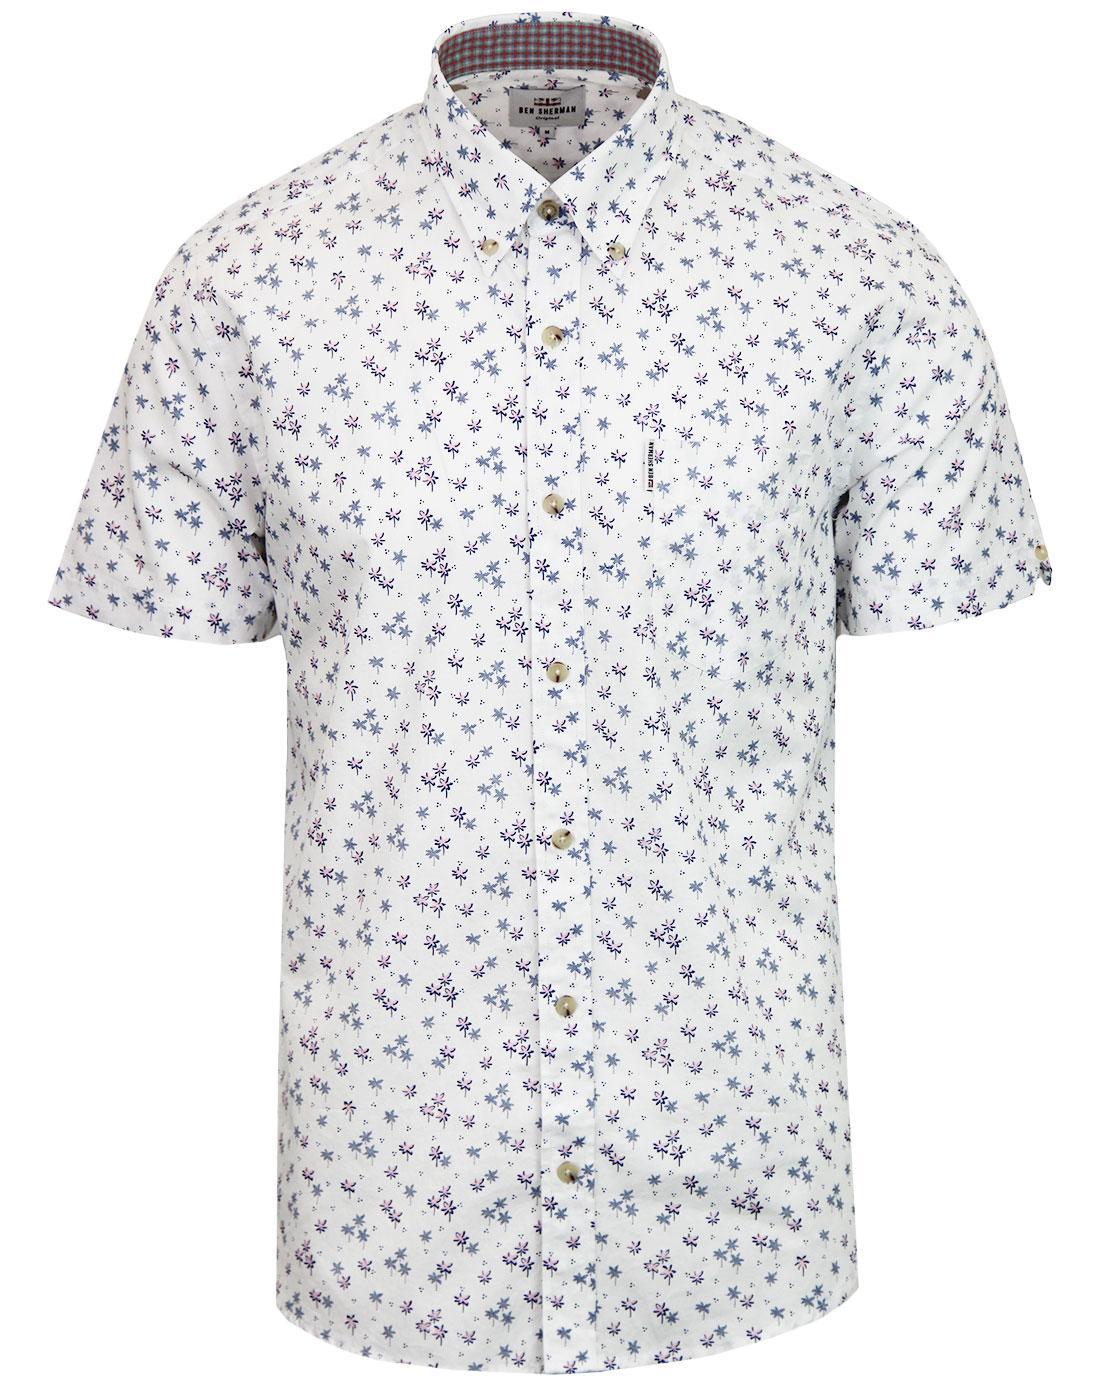 BEN SHERMAN Retro Mod Palm Tree Dot Shirt WHITE